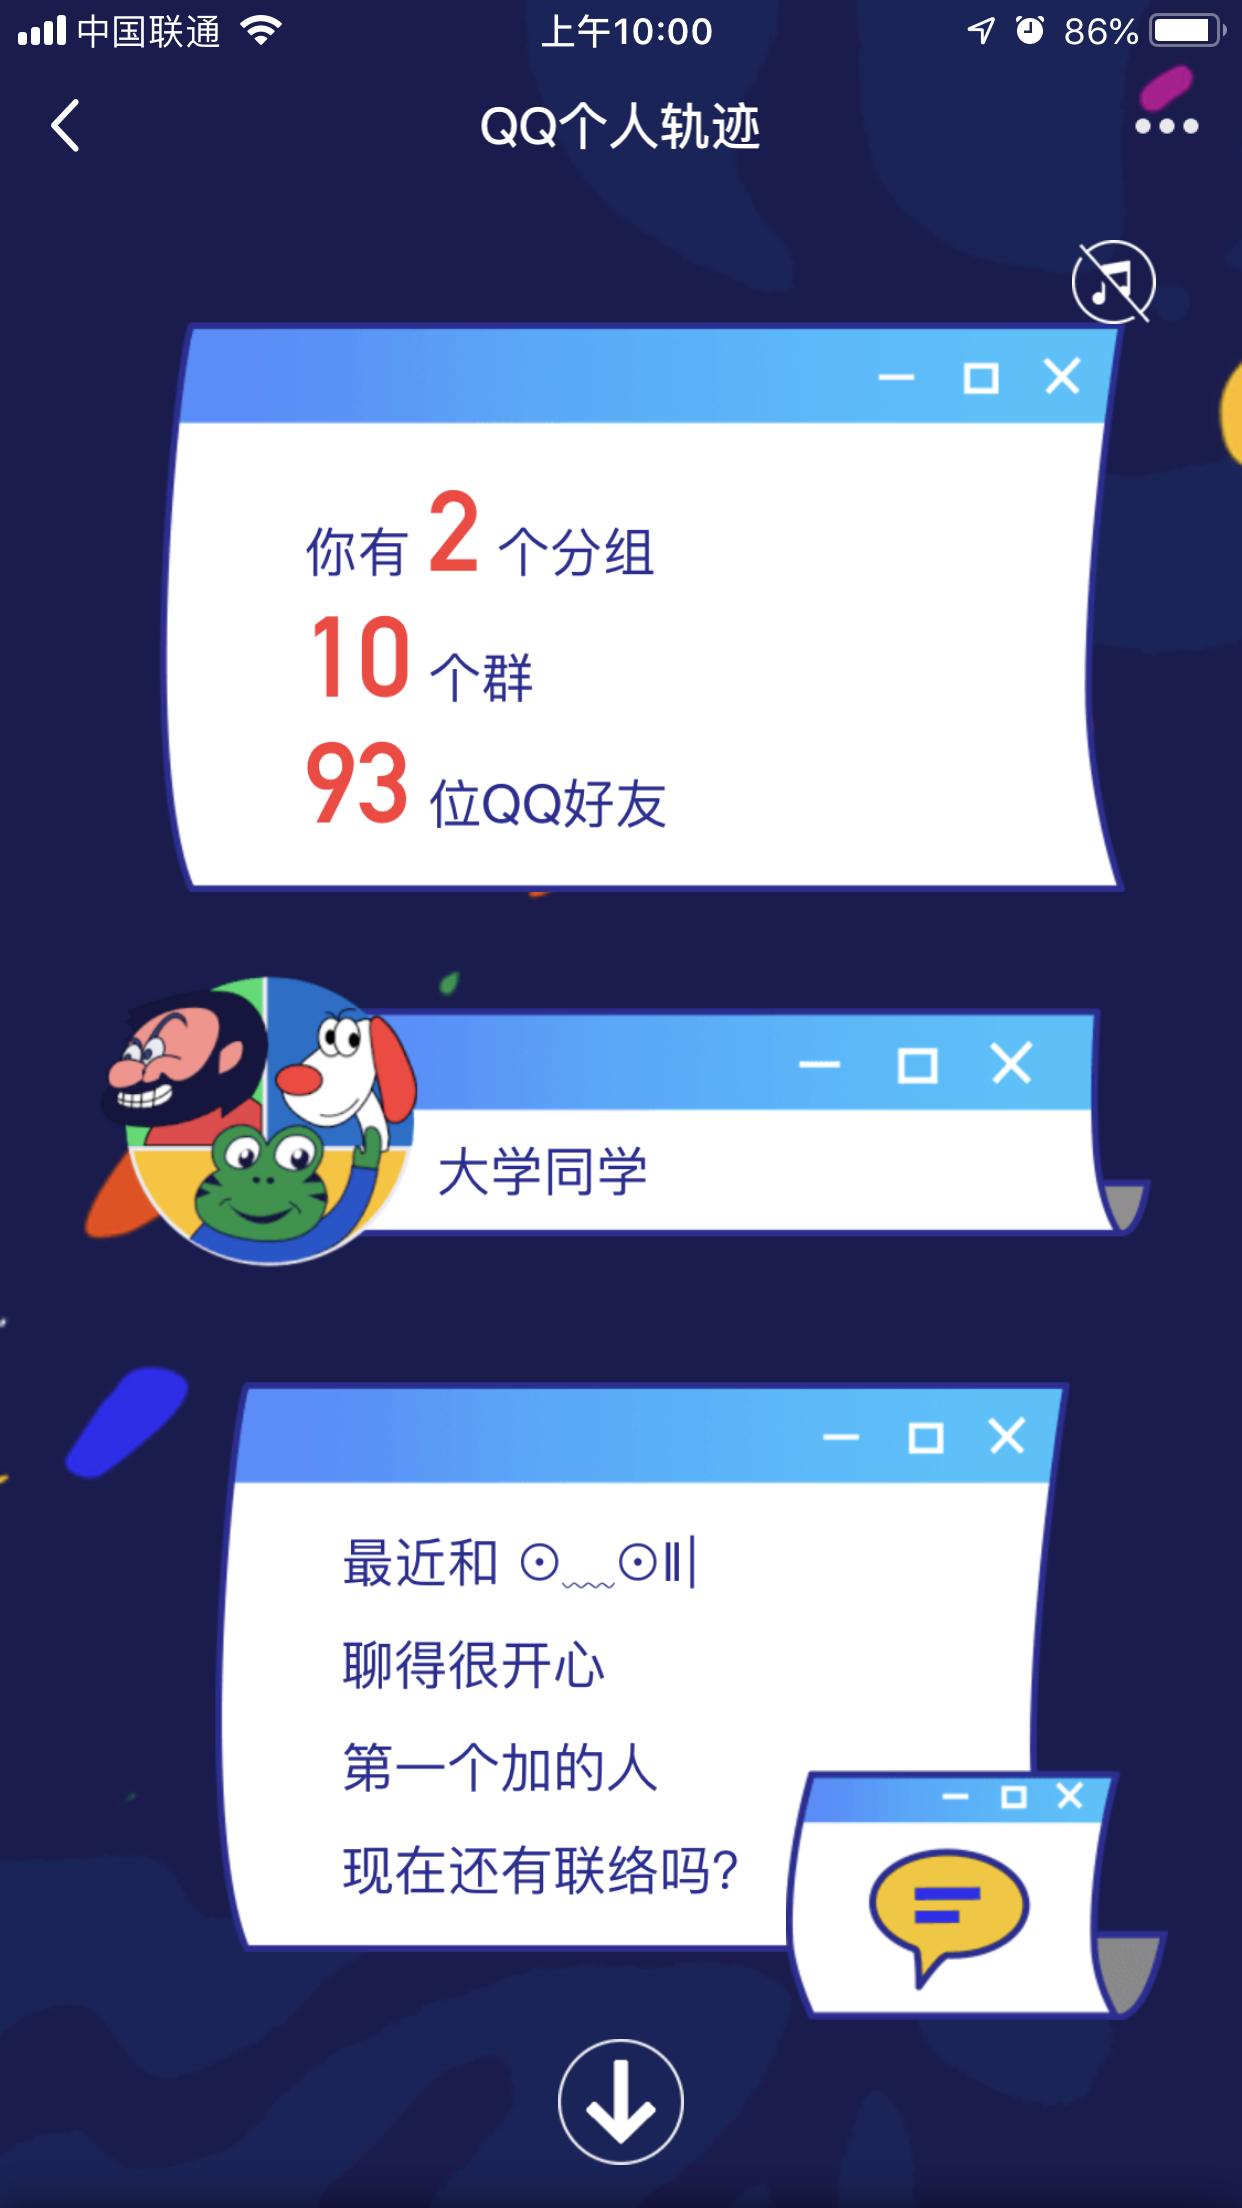 QQ个人轨迹上线在哪里》观看 QQ个人轨迹上线入口地址